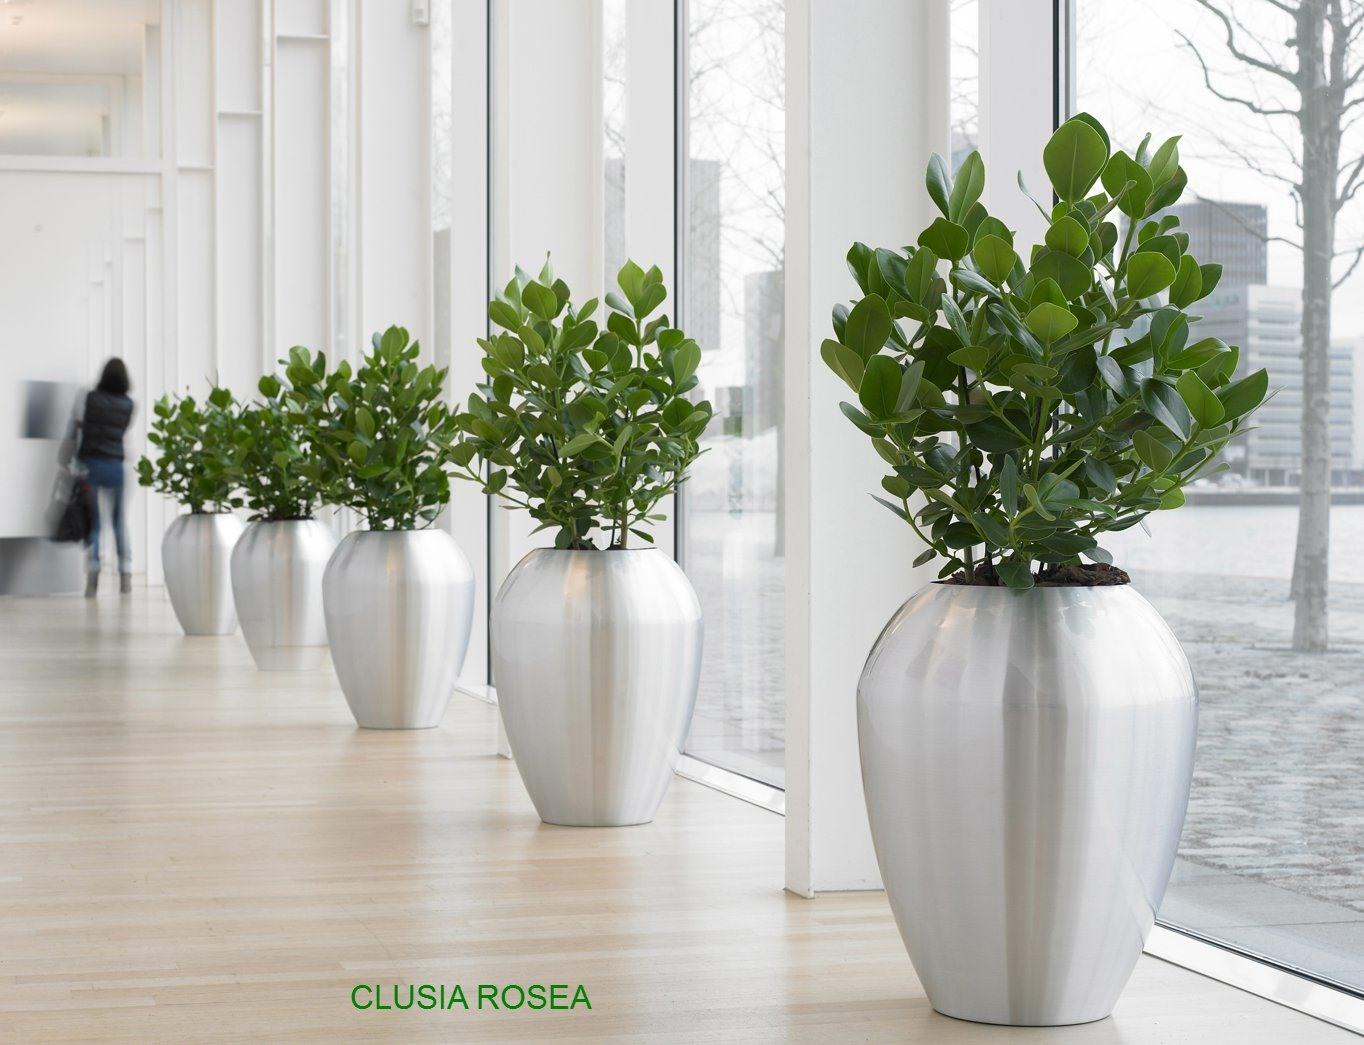 Kantoorplanten Kopen Of Huren Planten Op Kantoor Voordelen